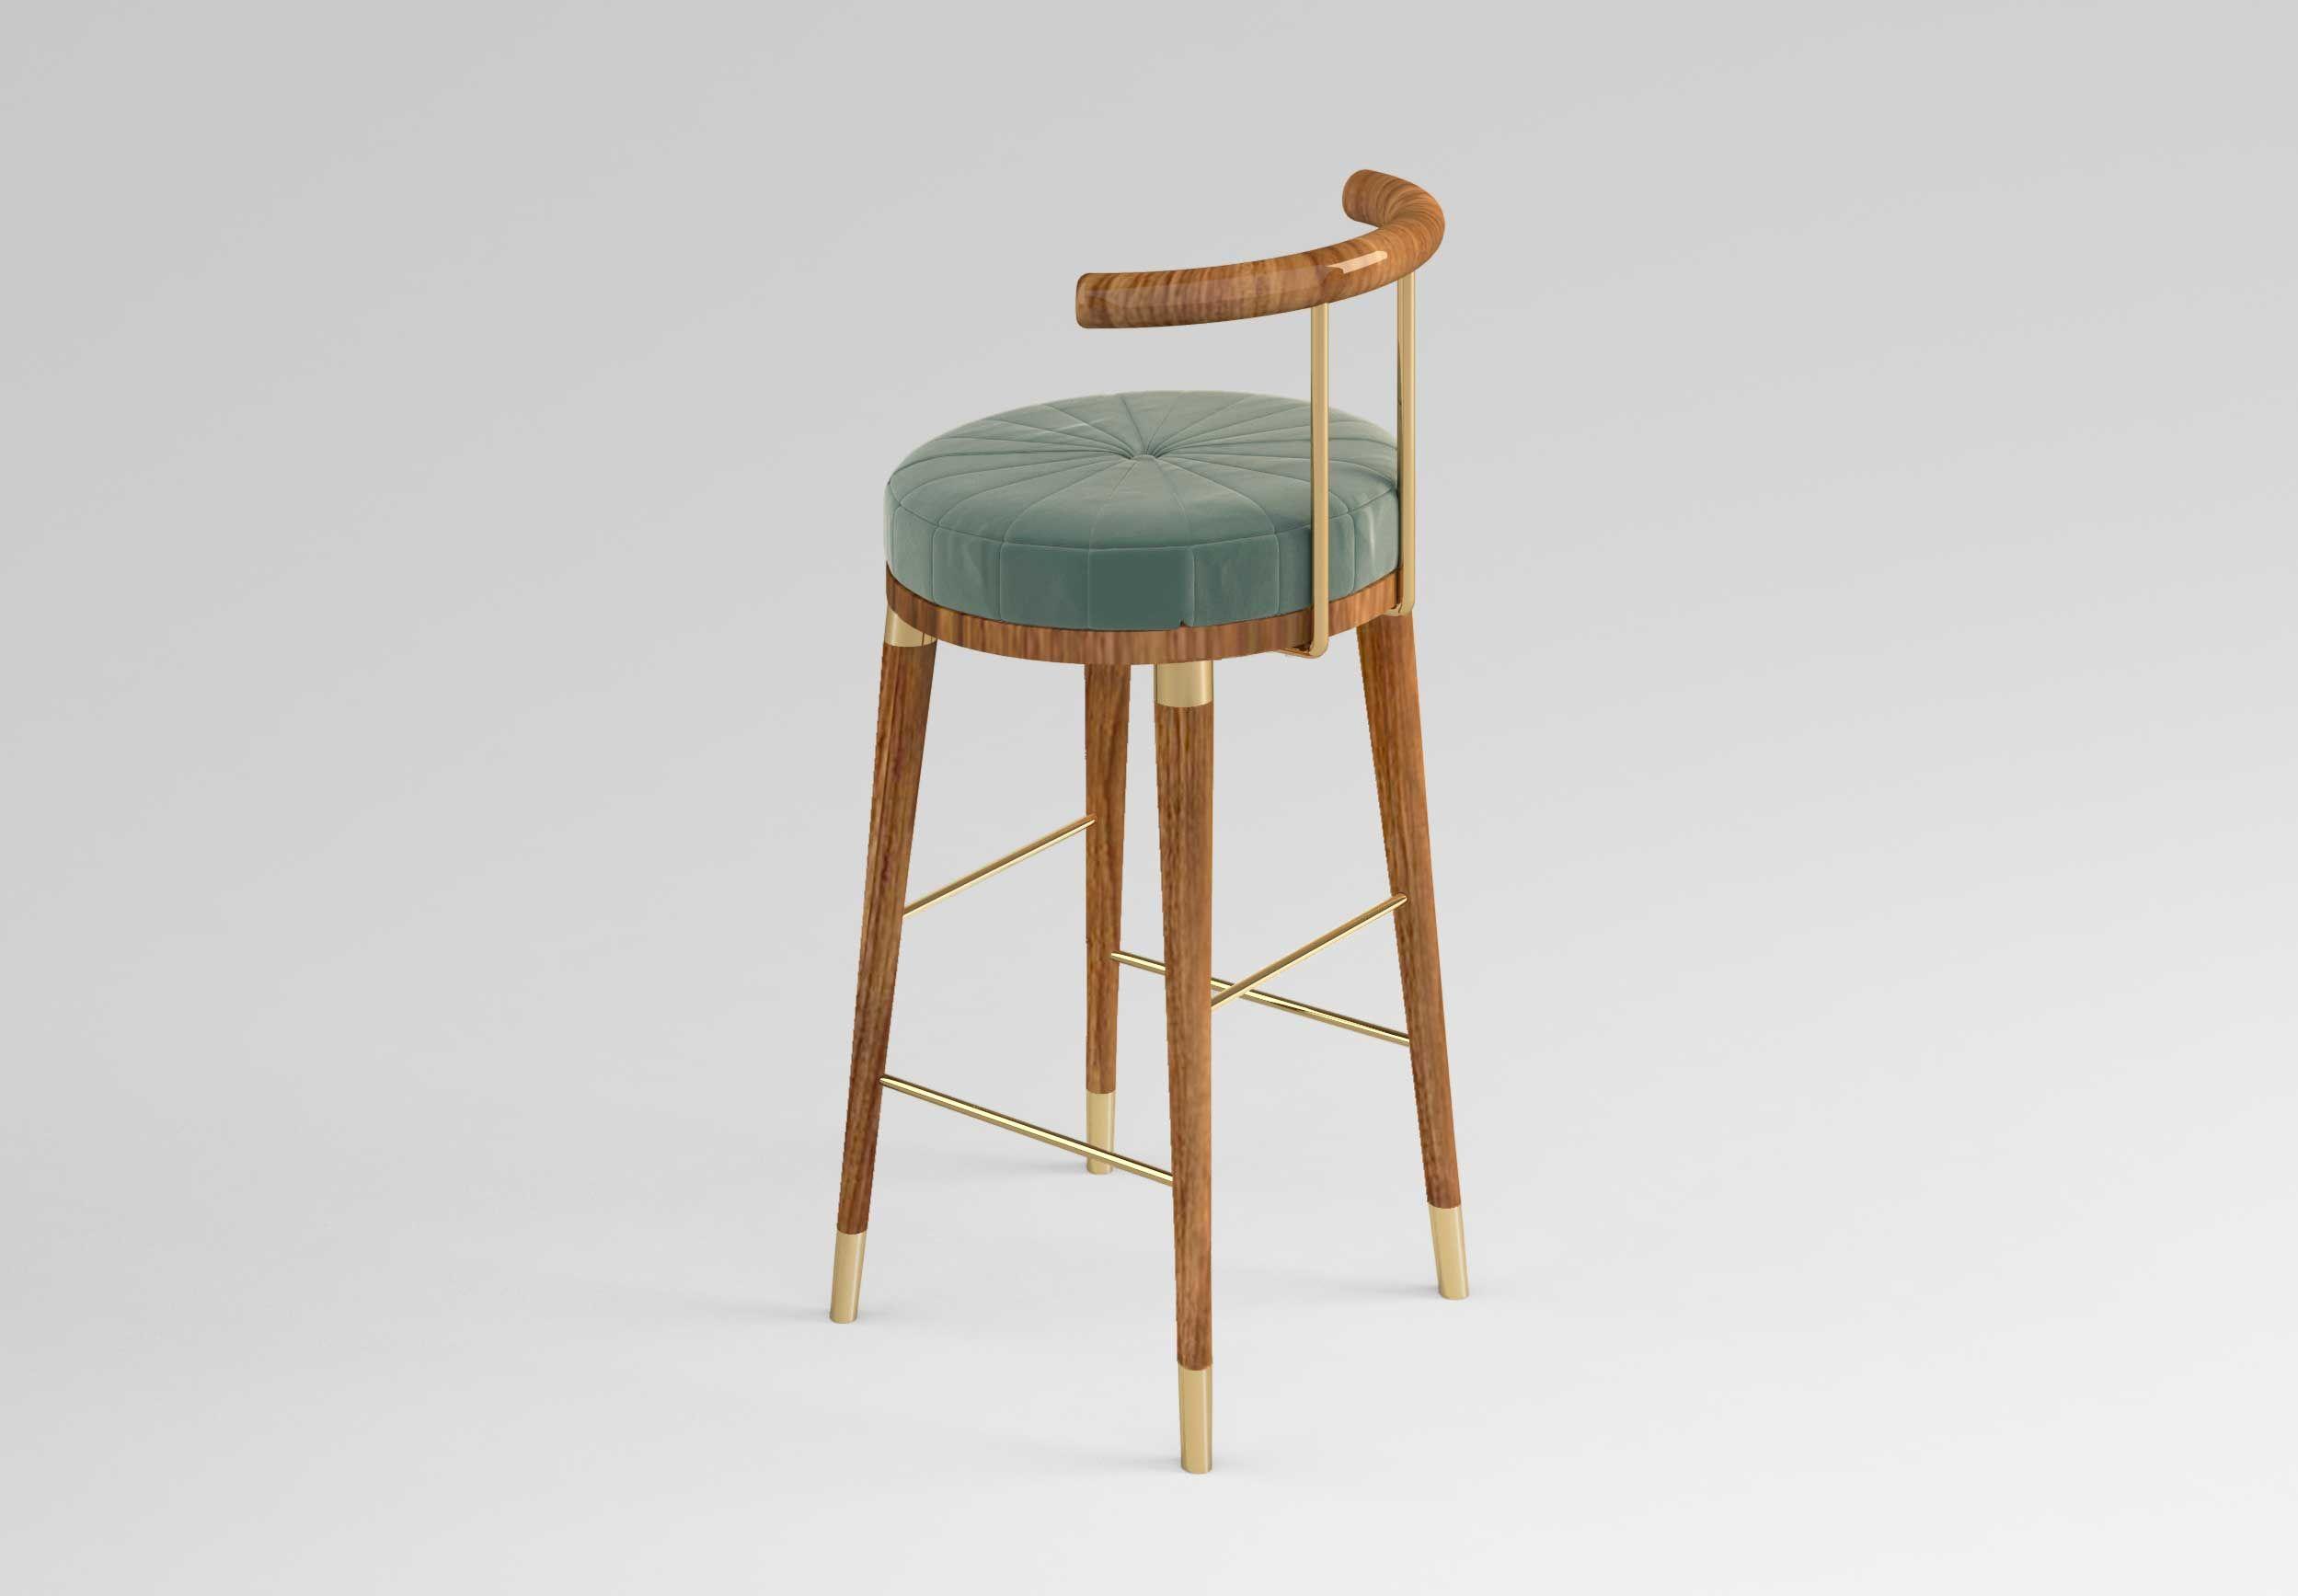 Sensational Mailu Bar Stool Furniture In 2019 Bar Stools Farmhouse Inzonedesignstudio Interior Chair Design Inzonedesignstudiocom